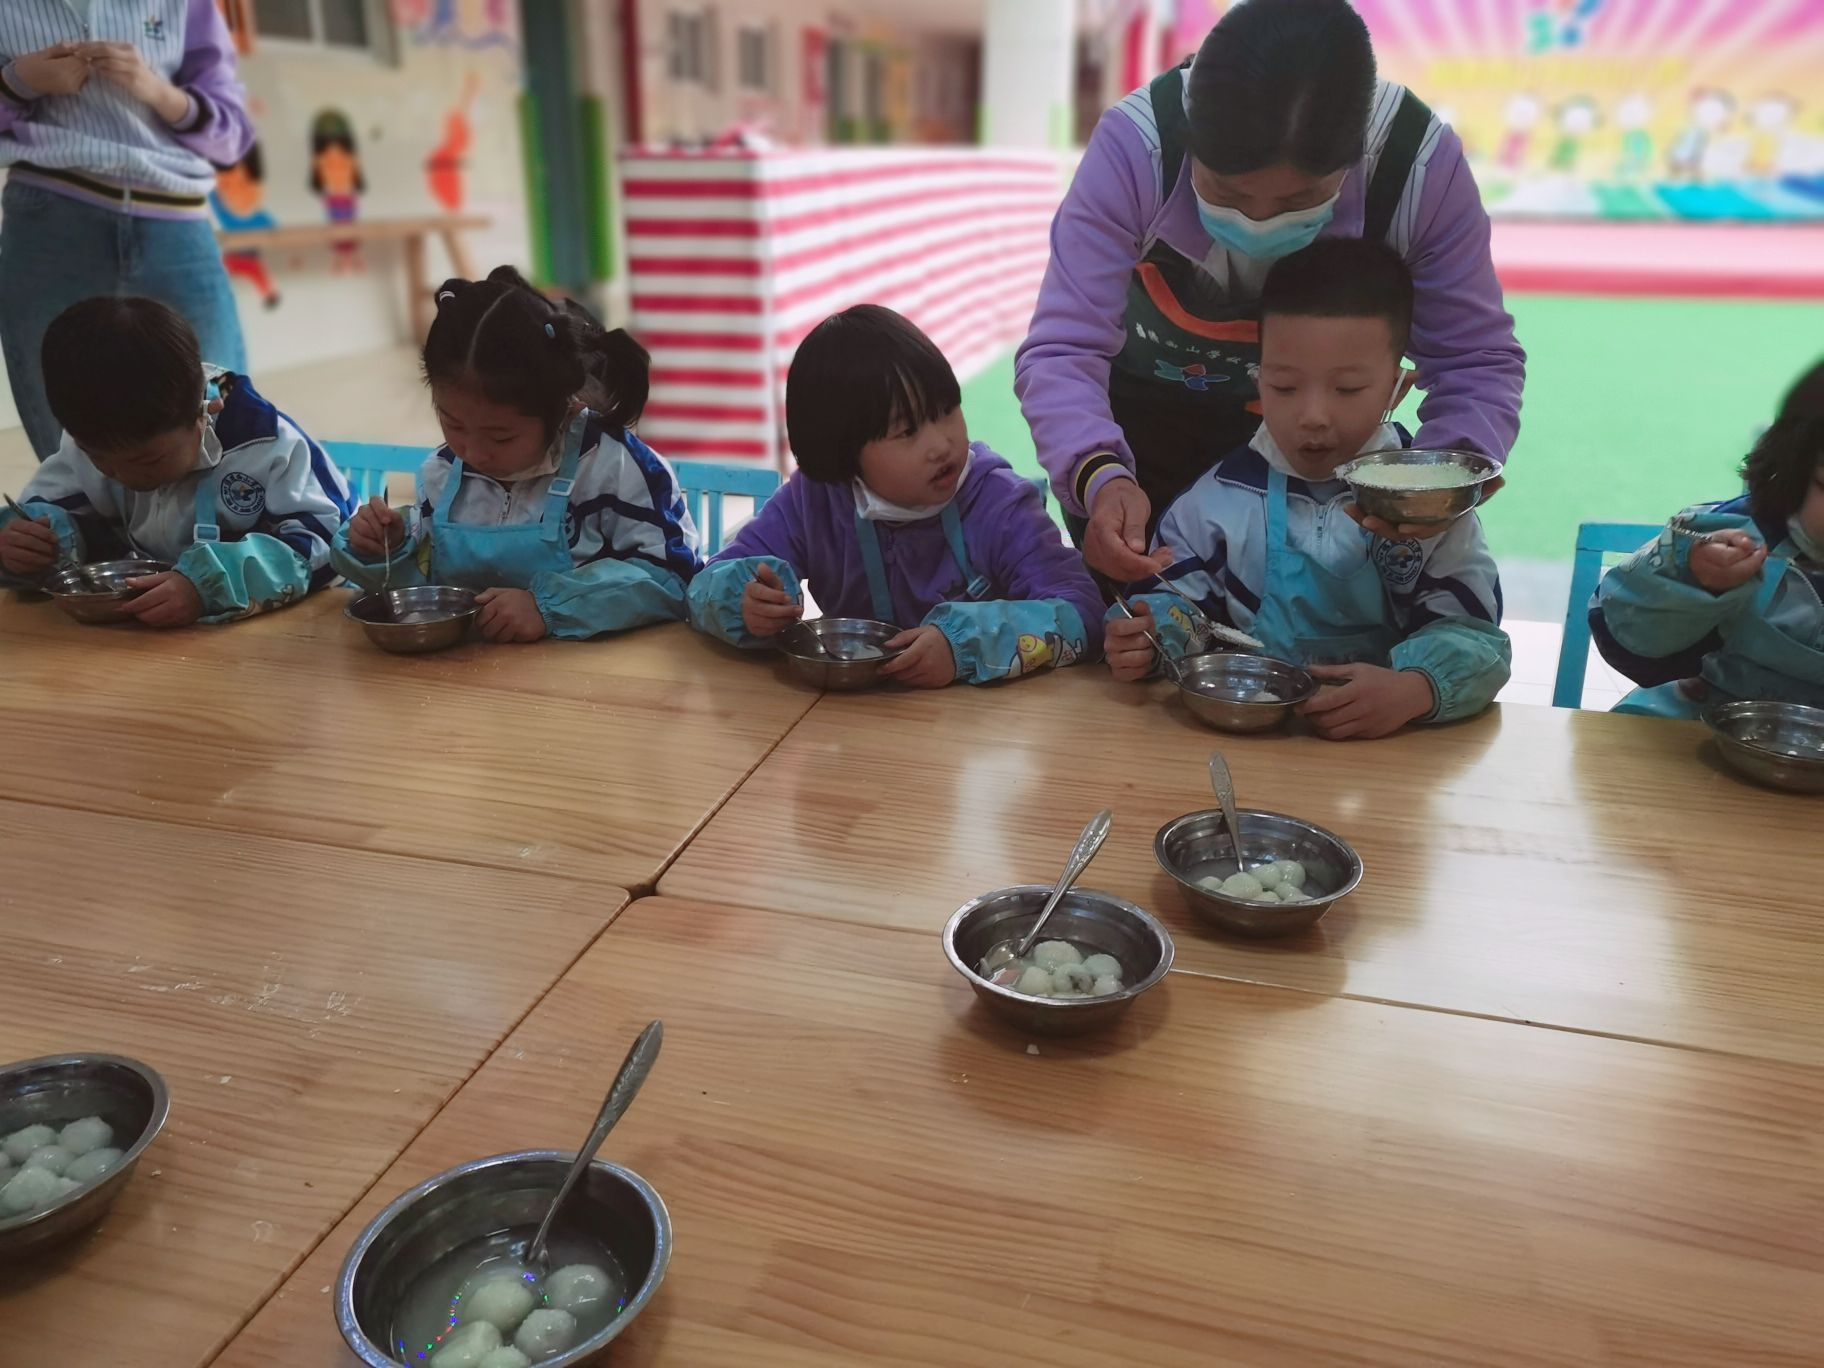 金牛贺岁  福满元宵--------福清西山学校幼儿园庆元宵主题活动